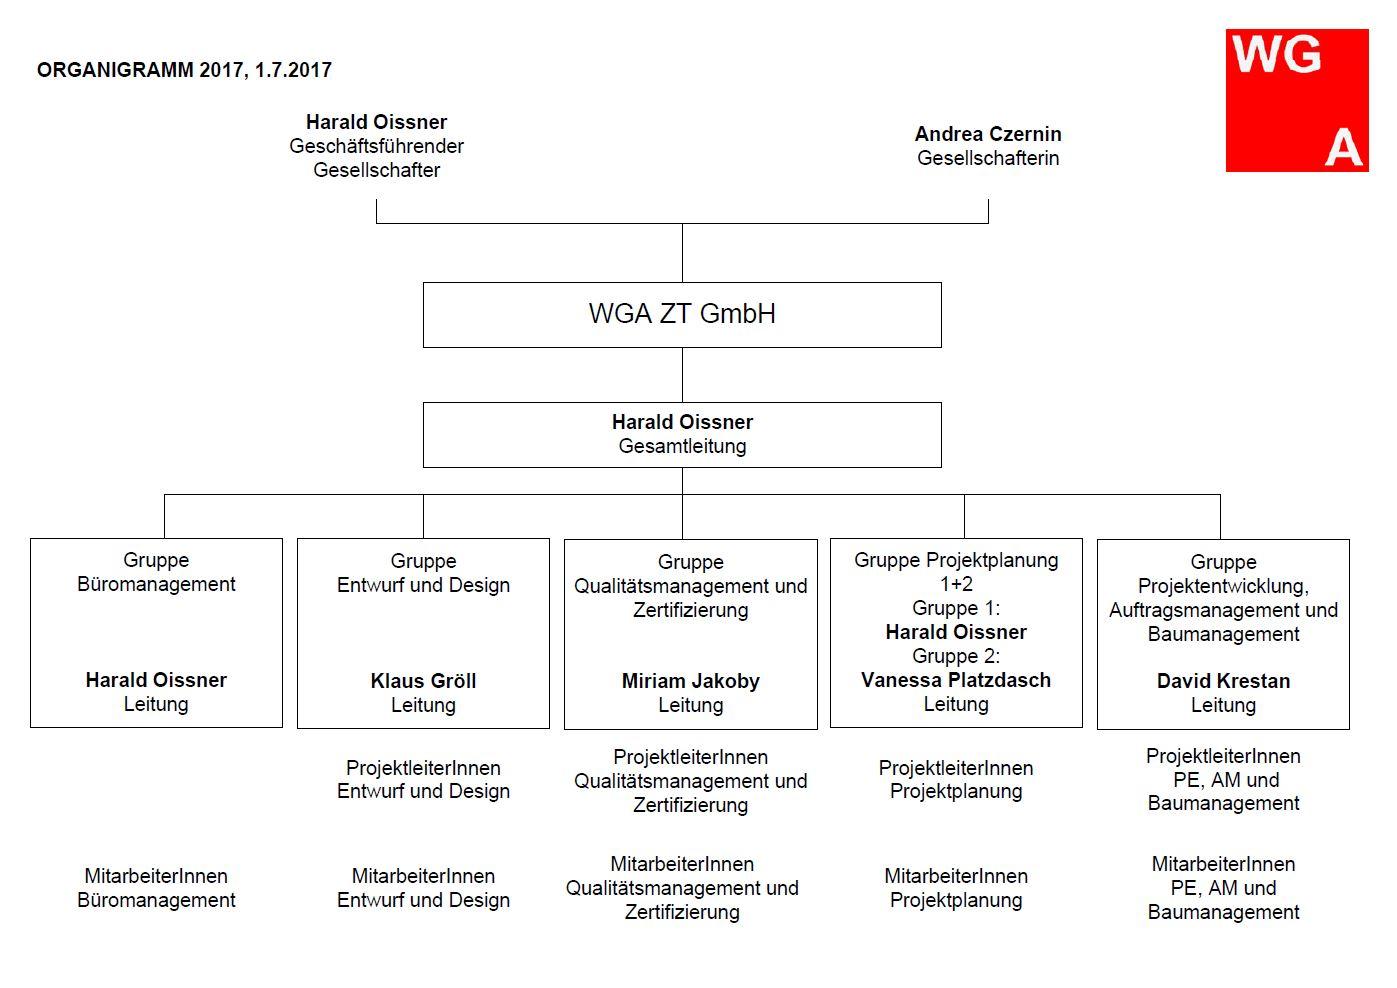 Organigramm WGA